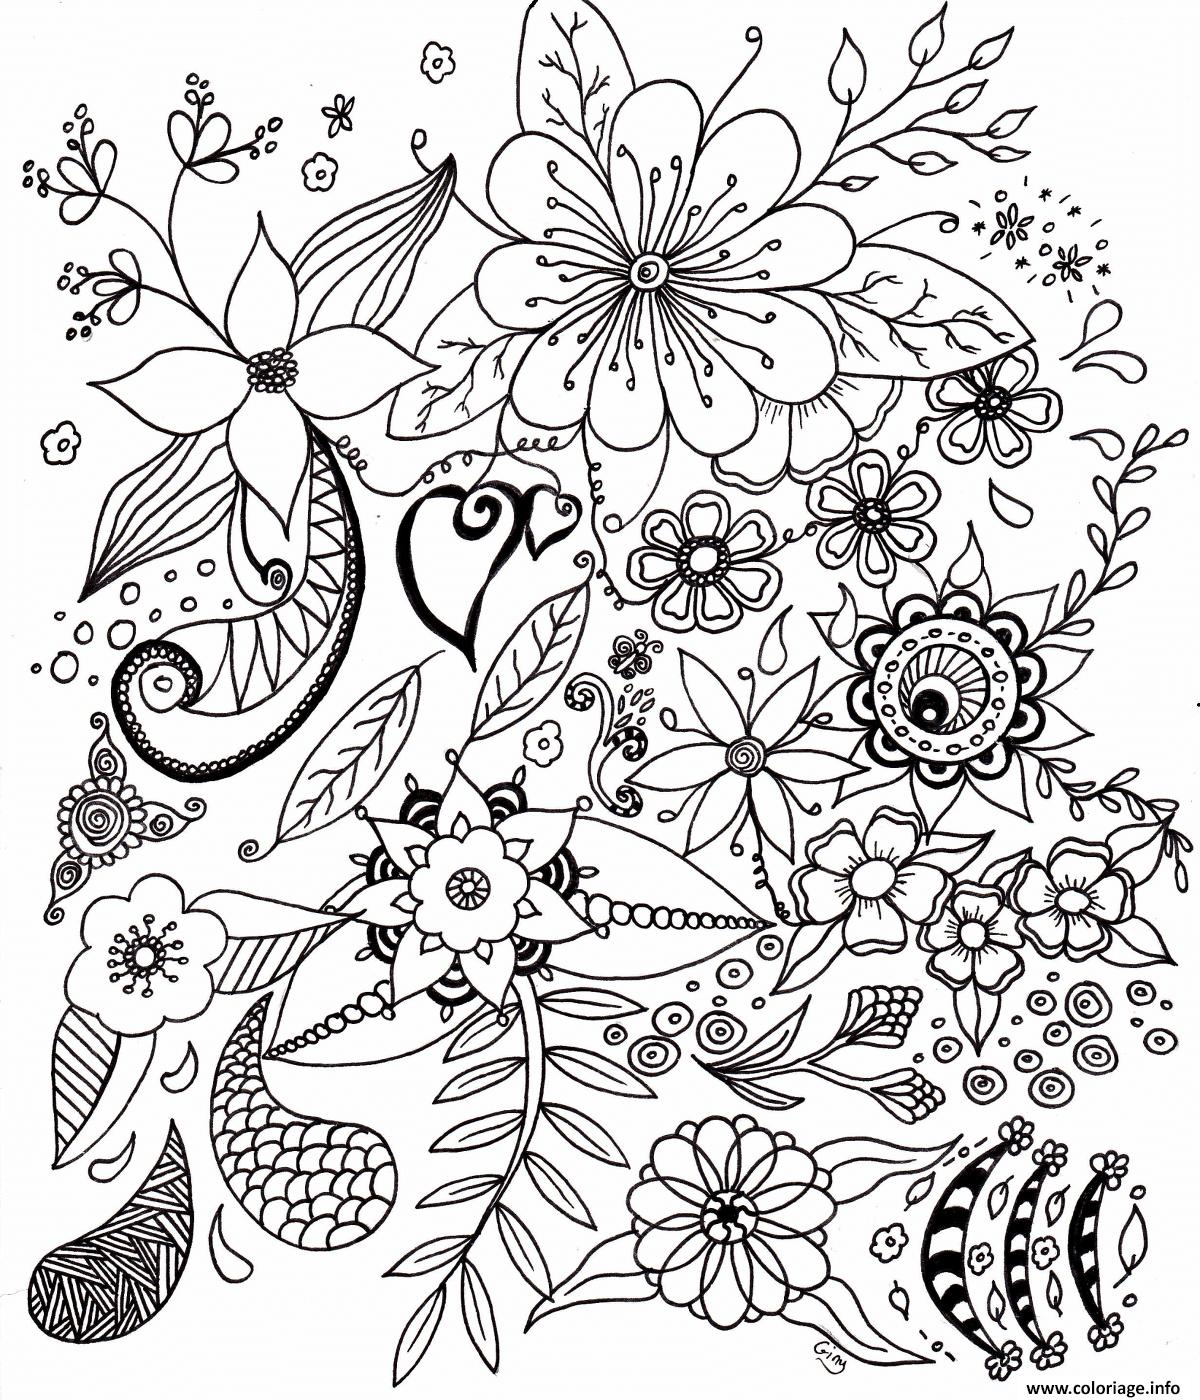 Coloriage fleurs simples pour adulte dessin - Fleur en coloriage ...